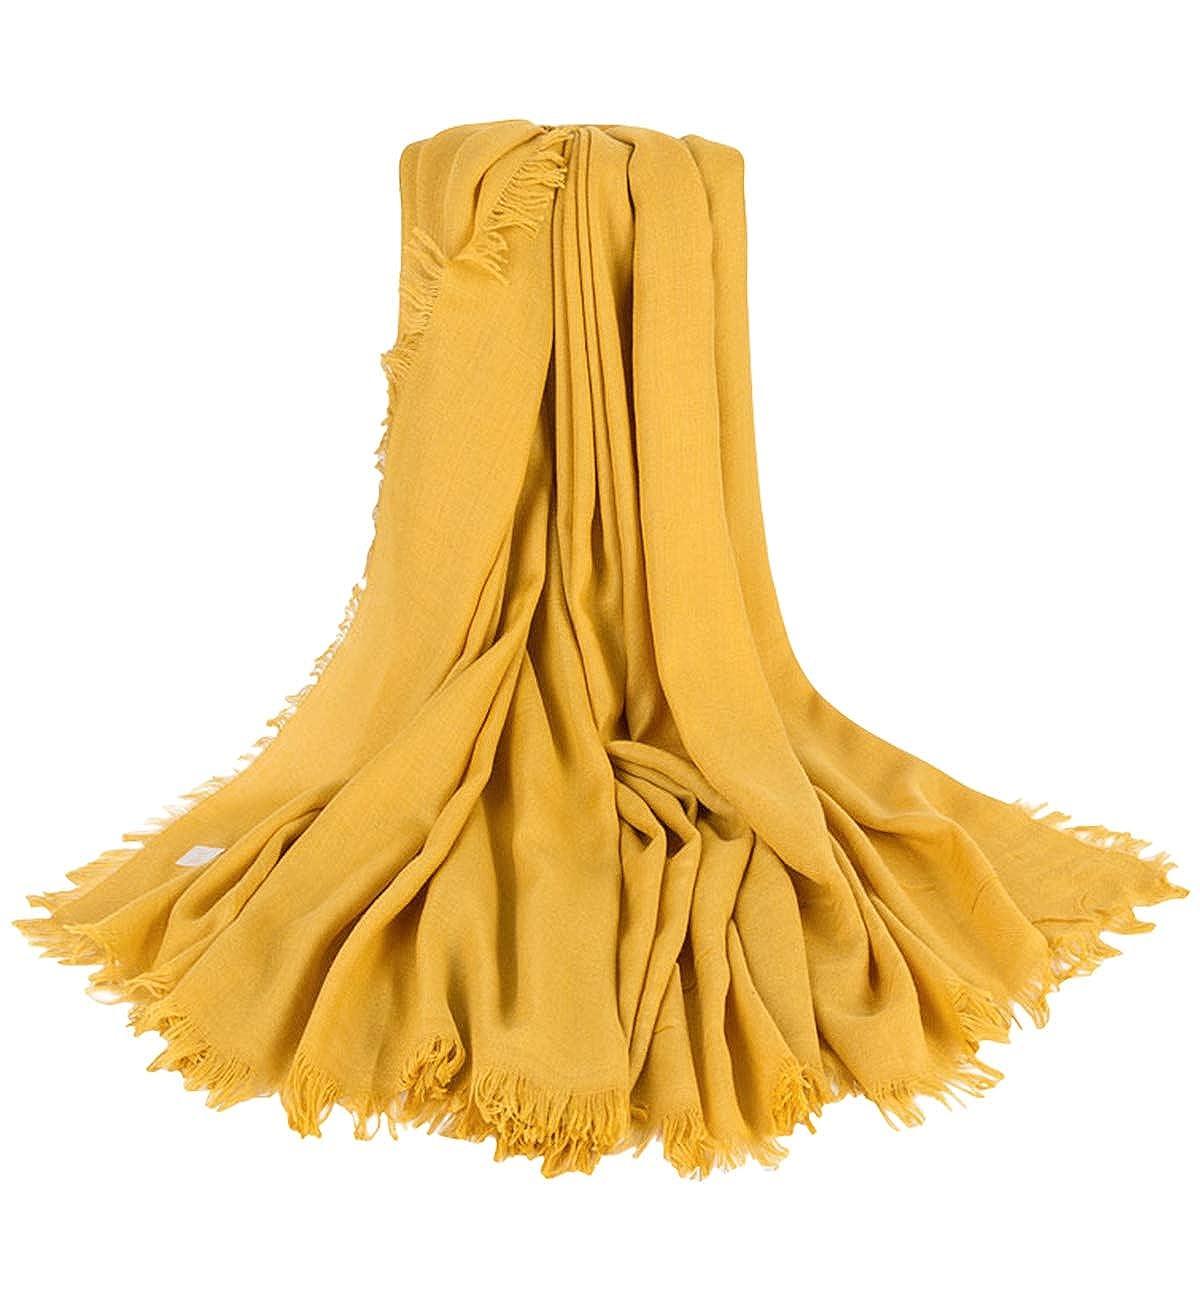 Alleza Damen Halstuch Schultertuch Schal Scarf Stola Quadratischer Deckenschal mit Fransen 140 140cm